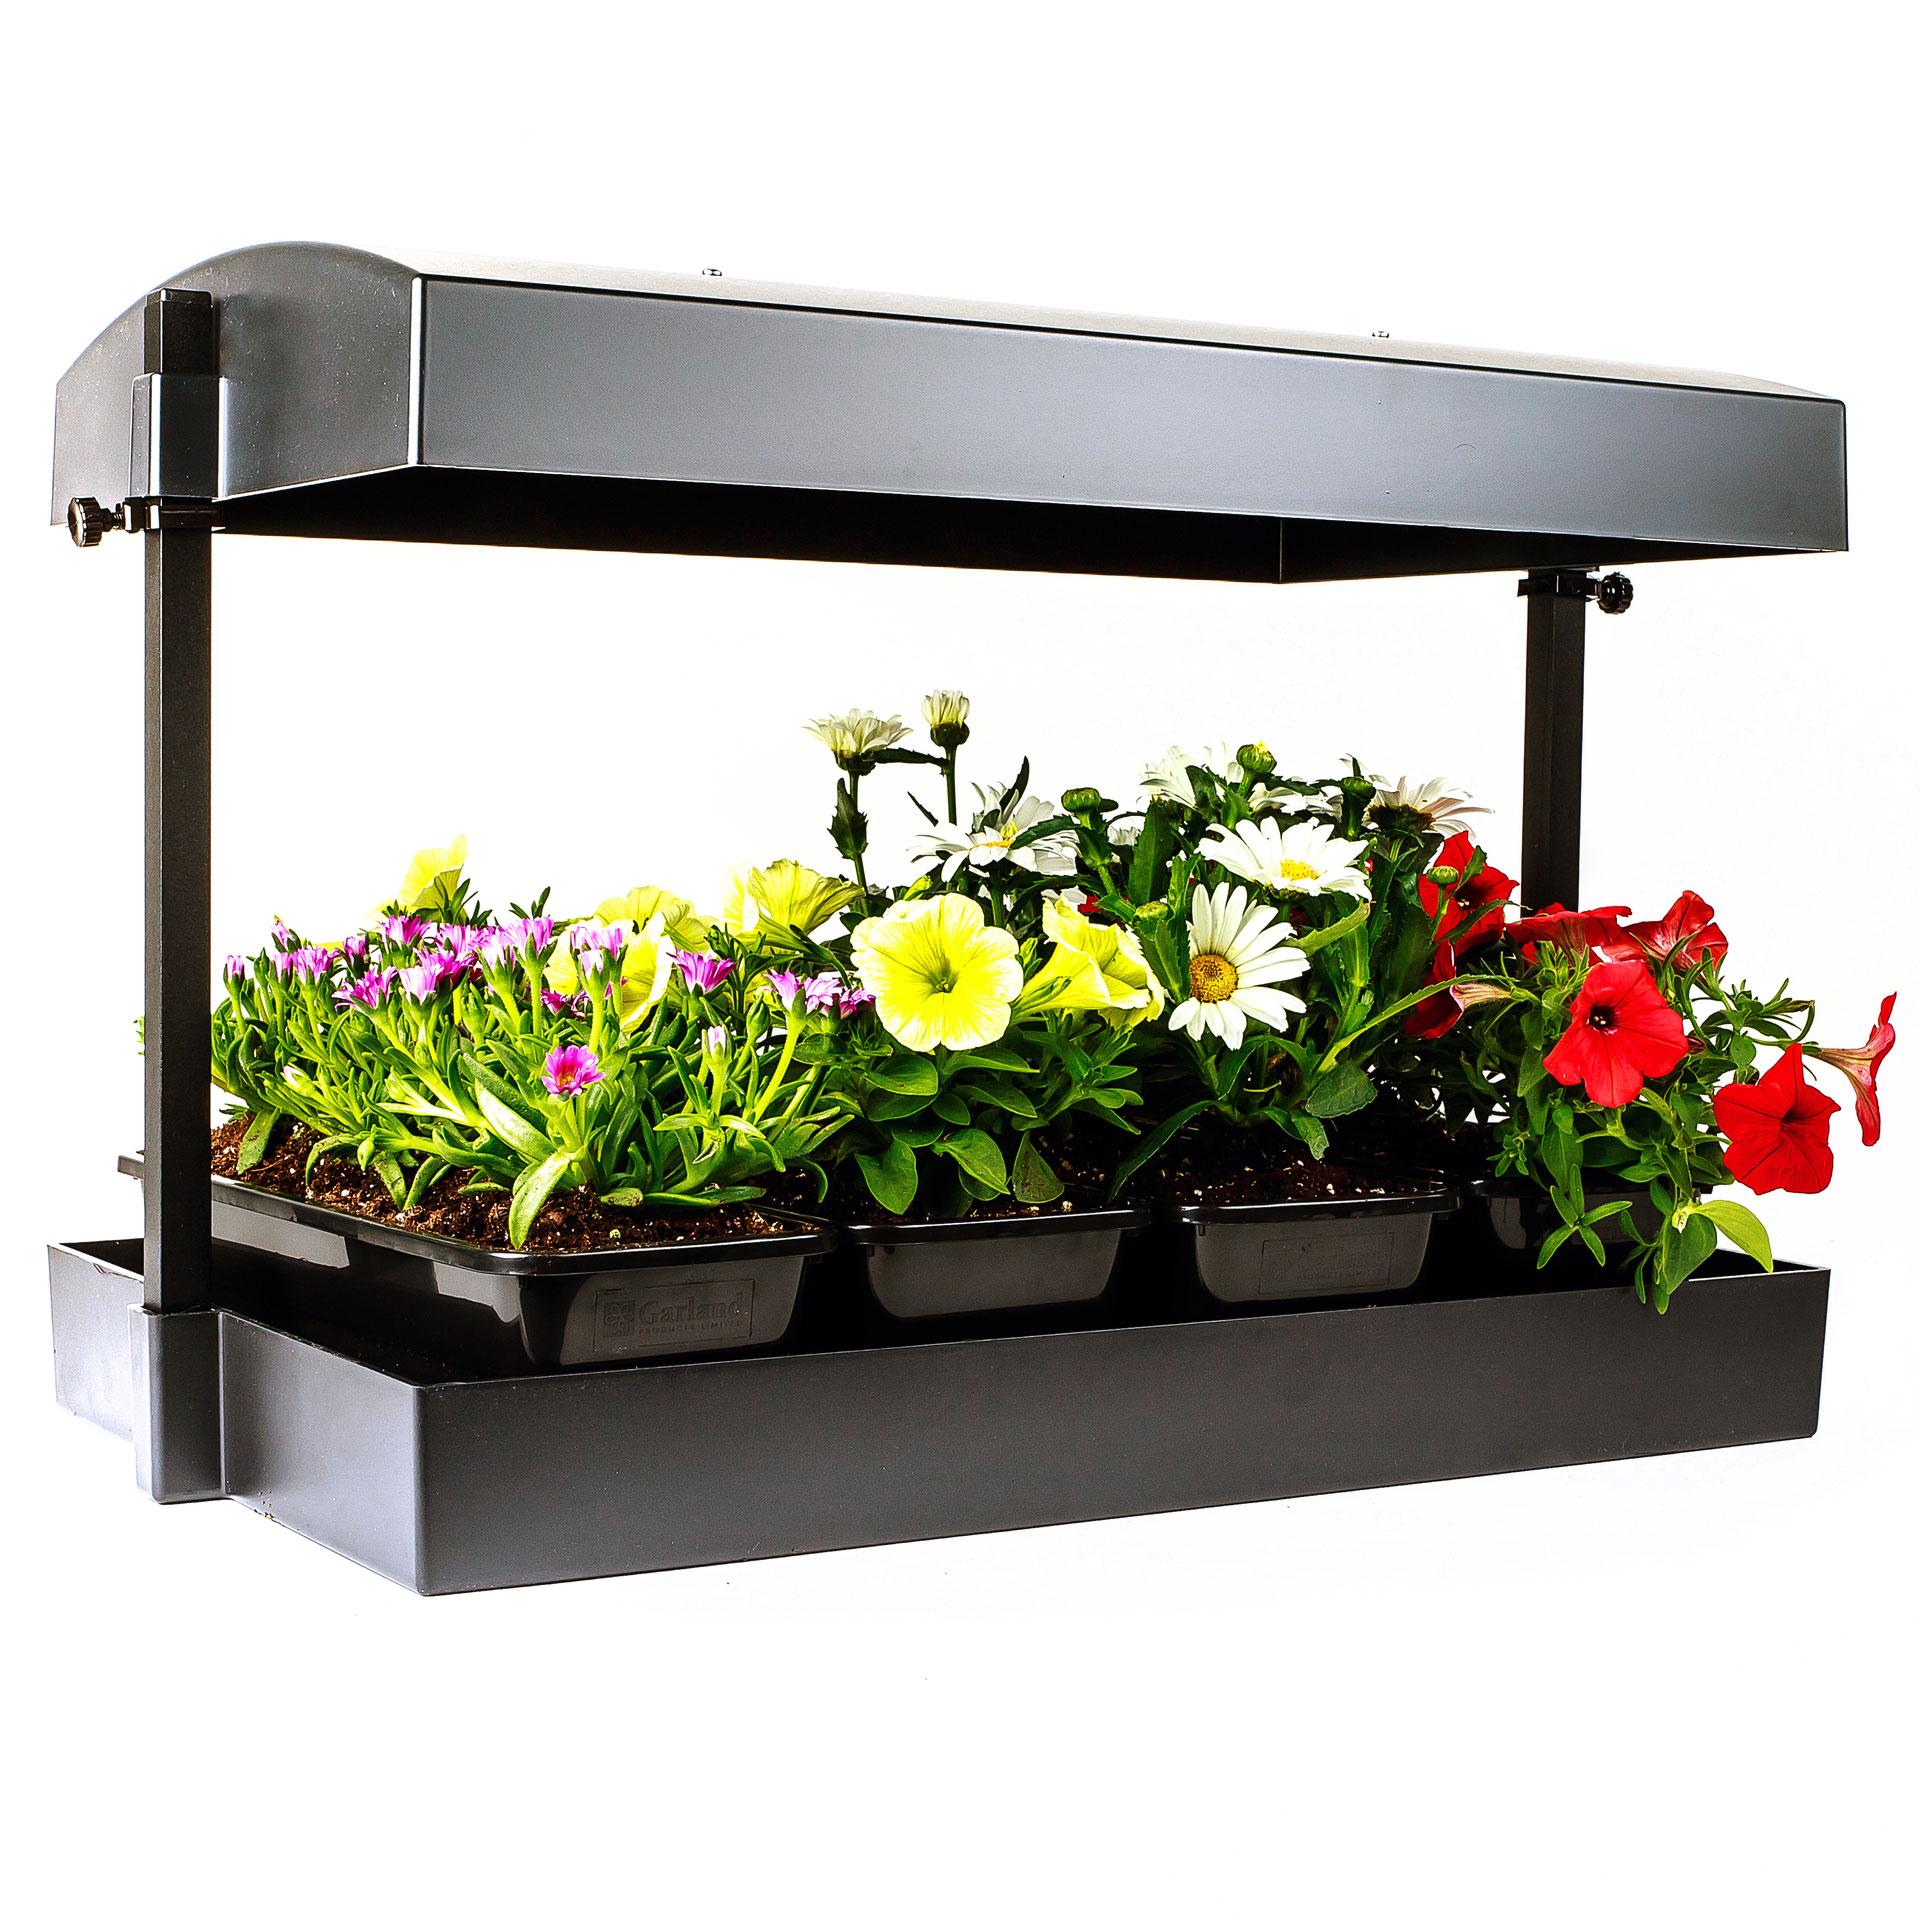 T5HO Strip Light powered Gardens - SunBlaster Lighting